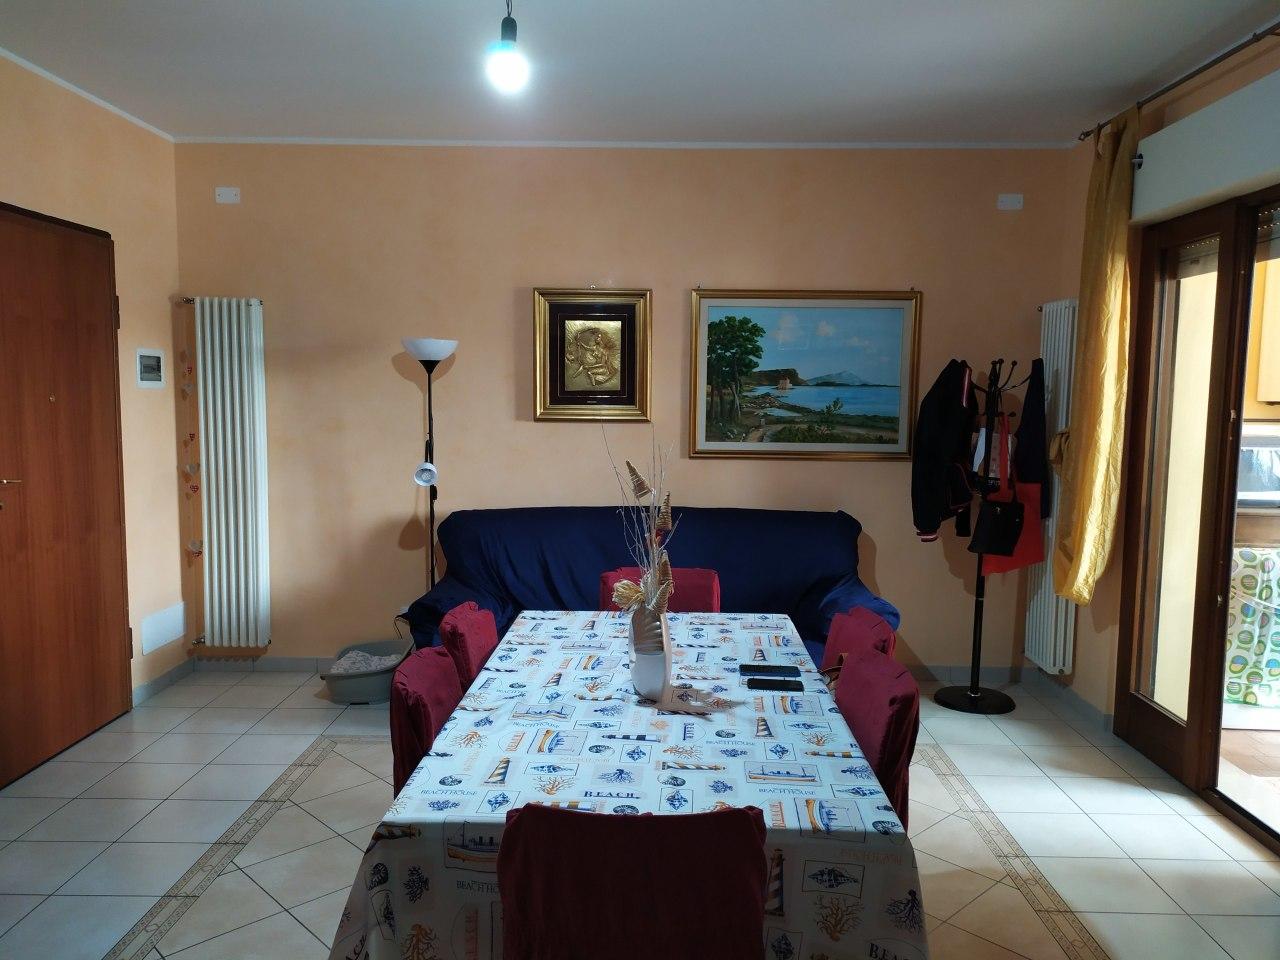 Appartamento in vendita a Manoppello, 5 locali, prezzo € 125.000 | PortaleAgenzieImmobiliari.it